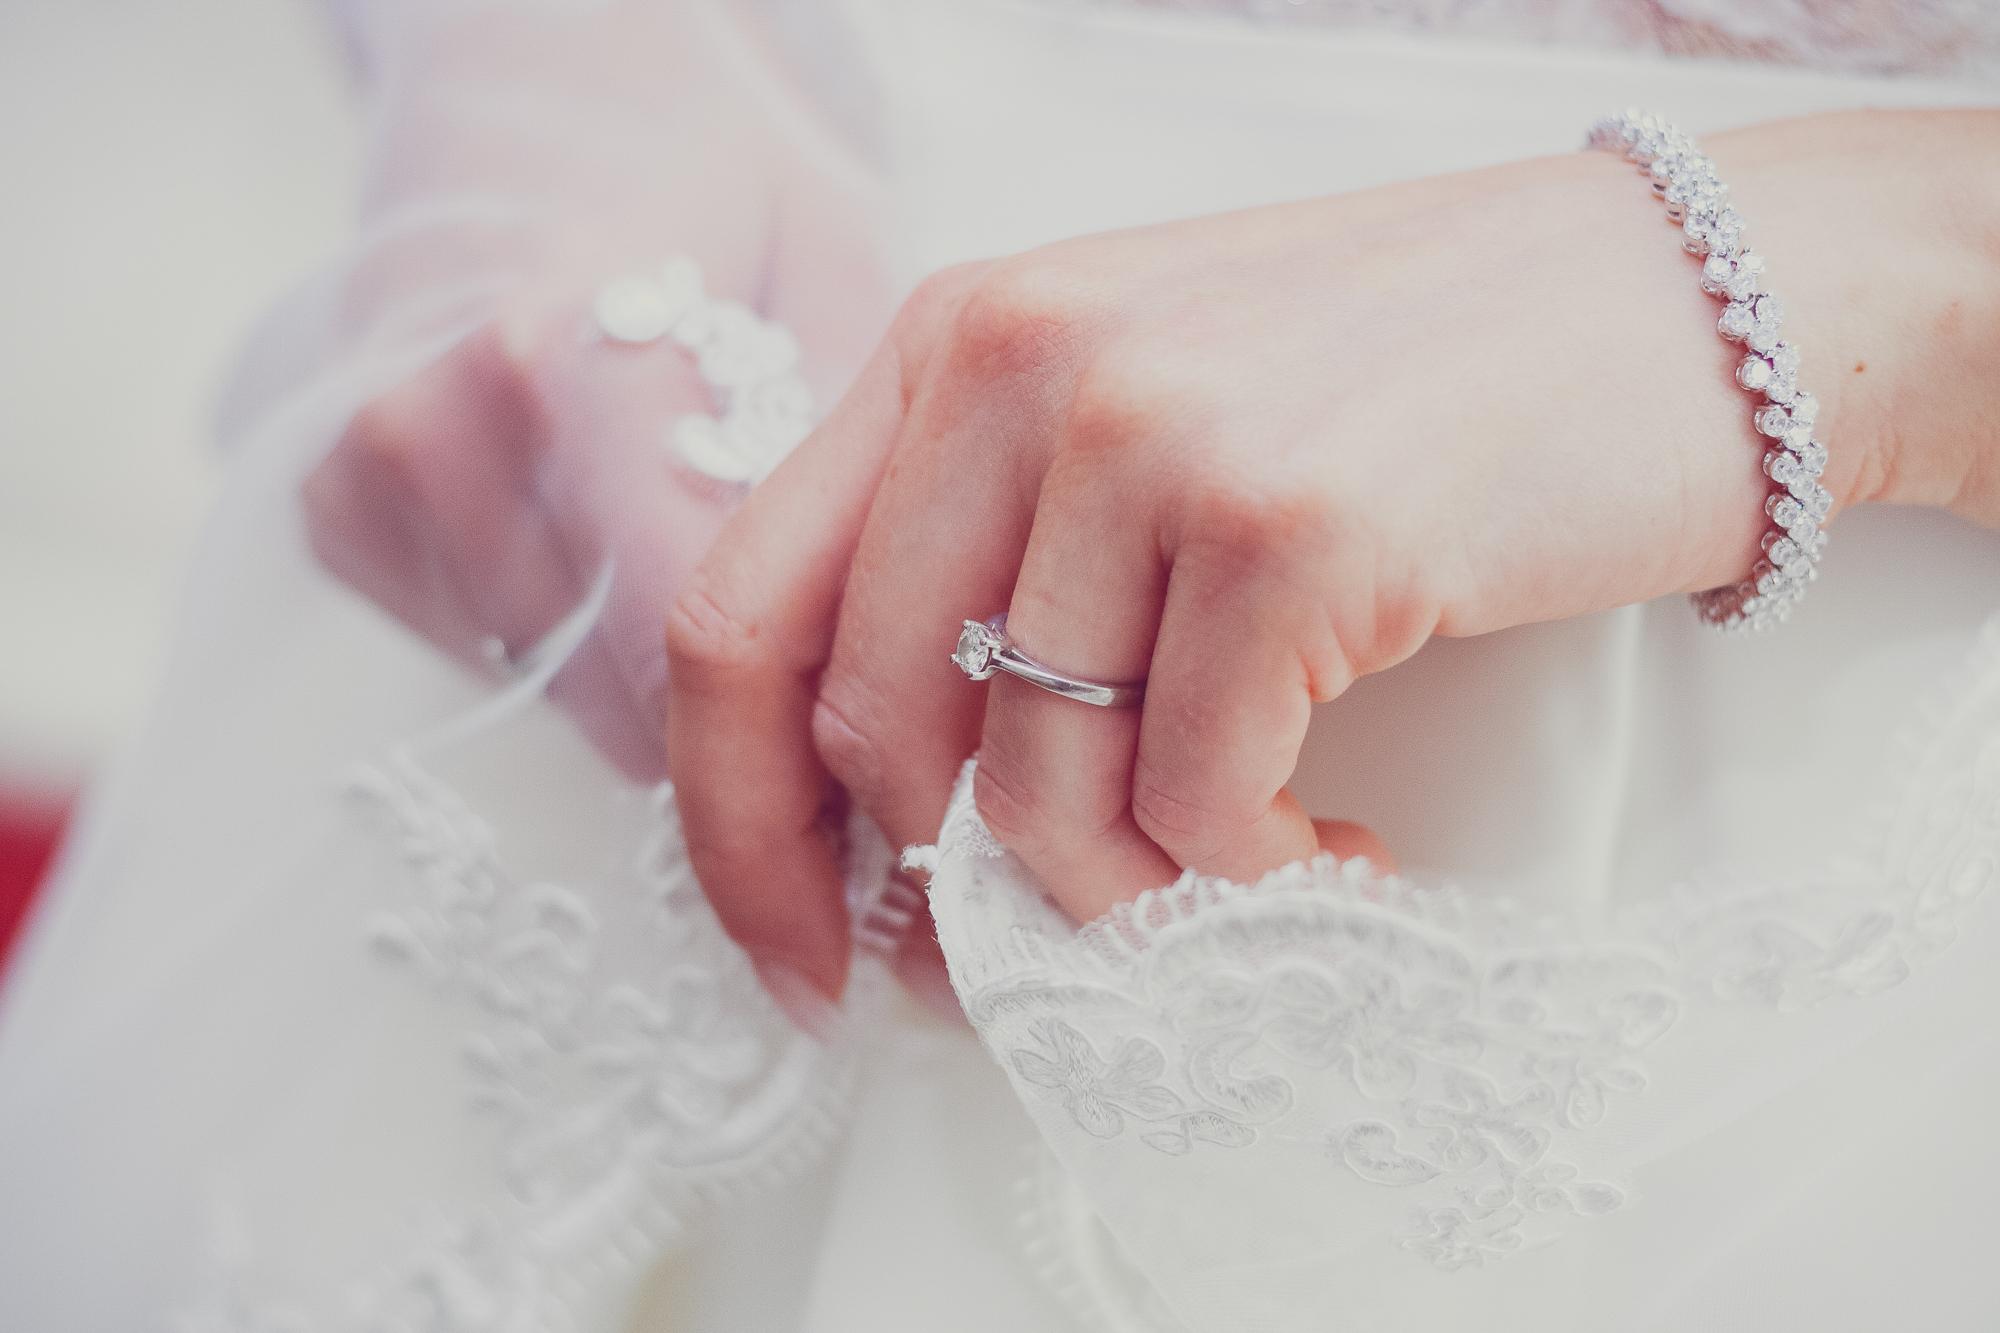 fotografie de nunta, mana miresei, inel de logodna, voal de mireasa, bratara mireasa,